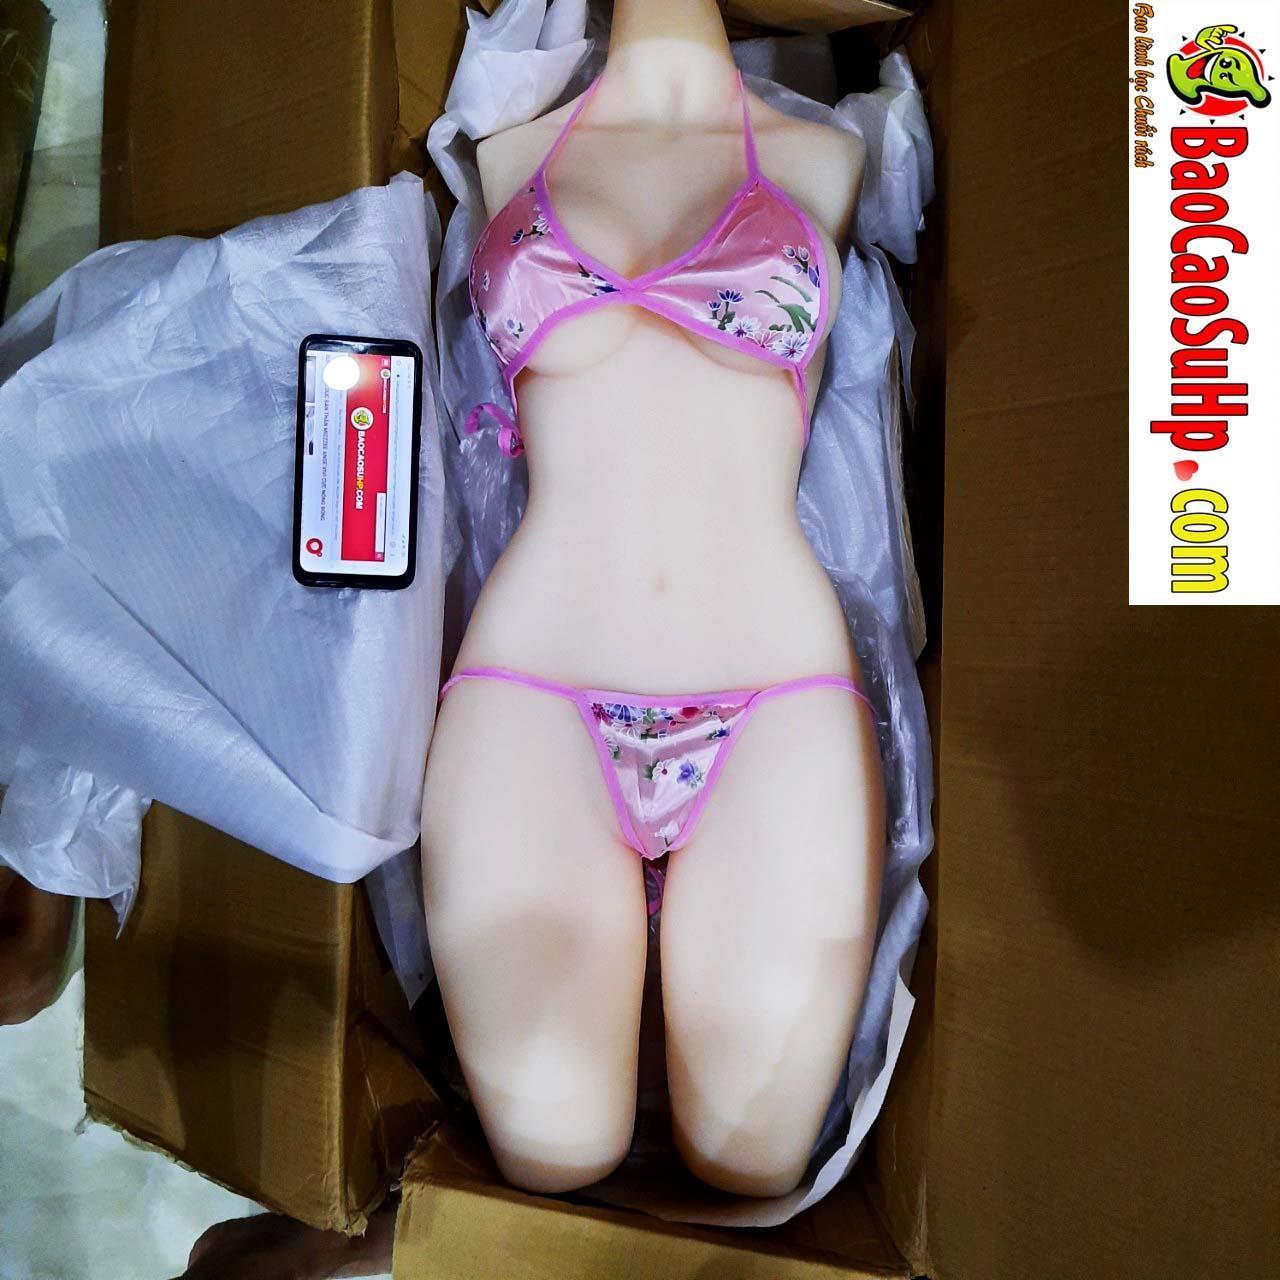 20200515225840 6030484 bup be tinh duc ban than mizzzee ange vivi cuc nong bong 5 - Búp bê tình dục siêu đẹp giá cực tốt hàng về 15.05.2020